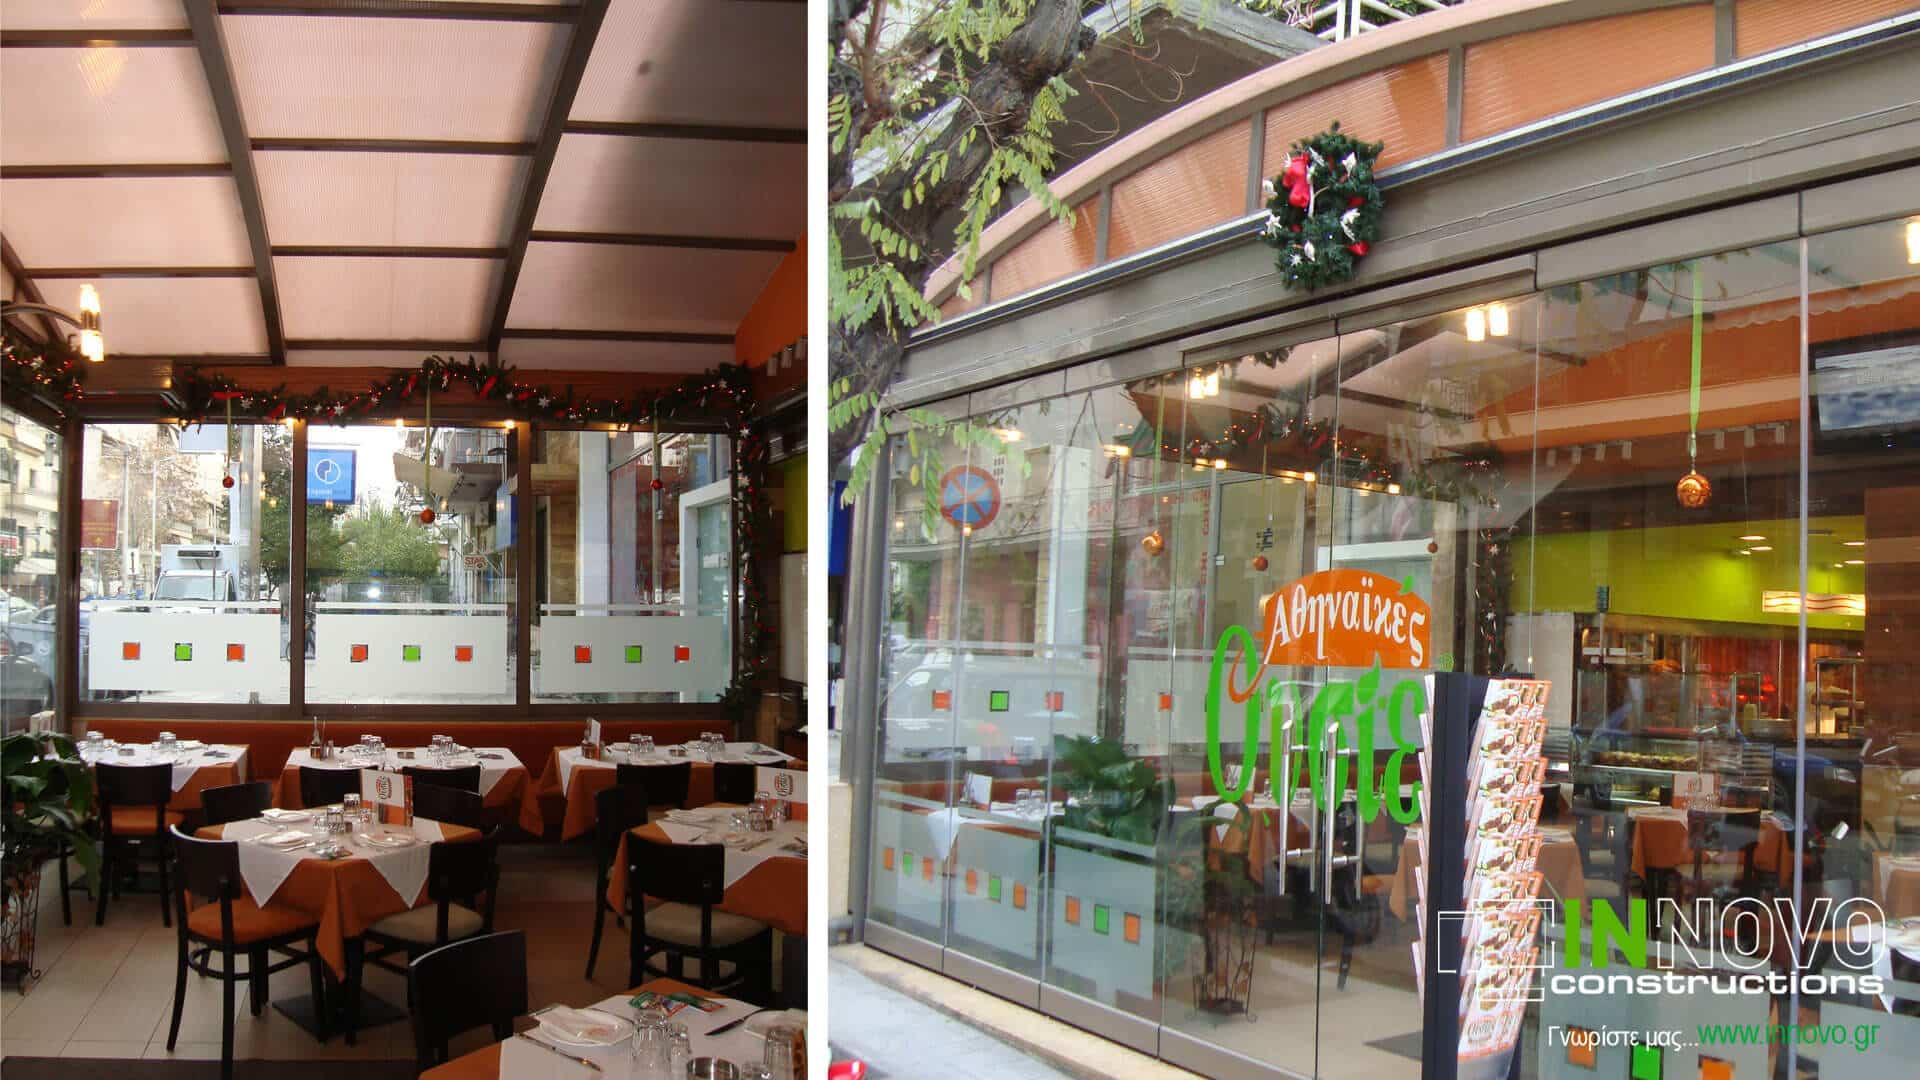 kataskevi-psitopoleiou-restaurant-construction-tsiolis-pagkrati-ousies-955-8